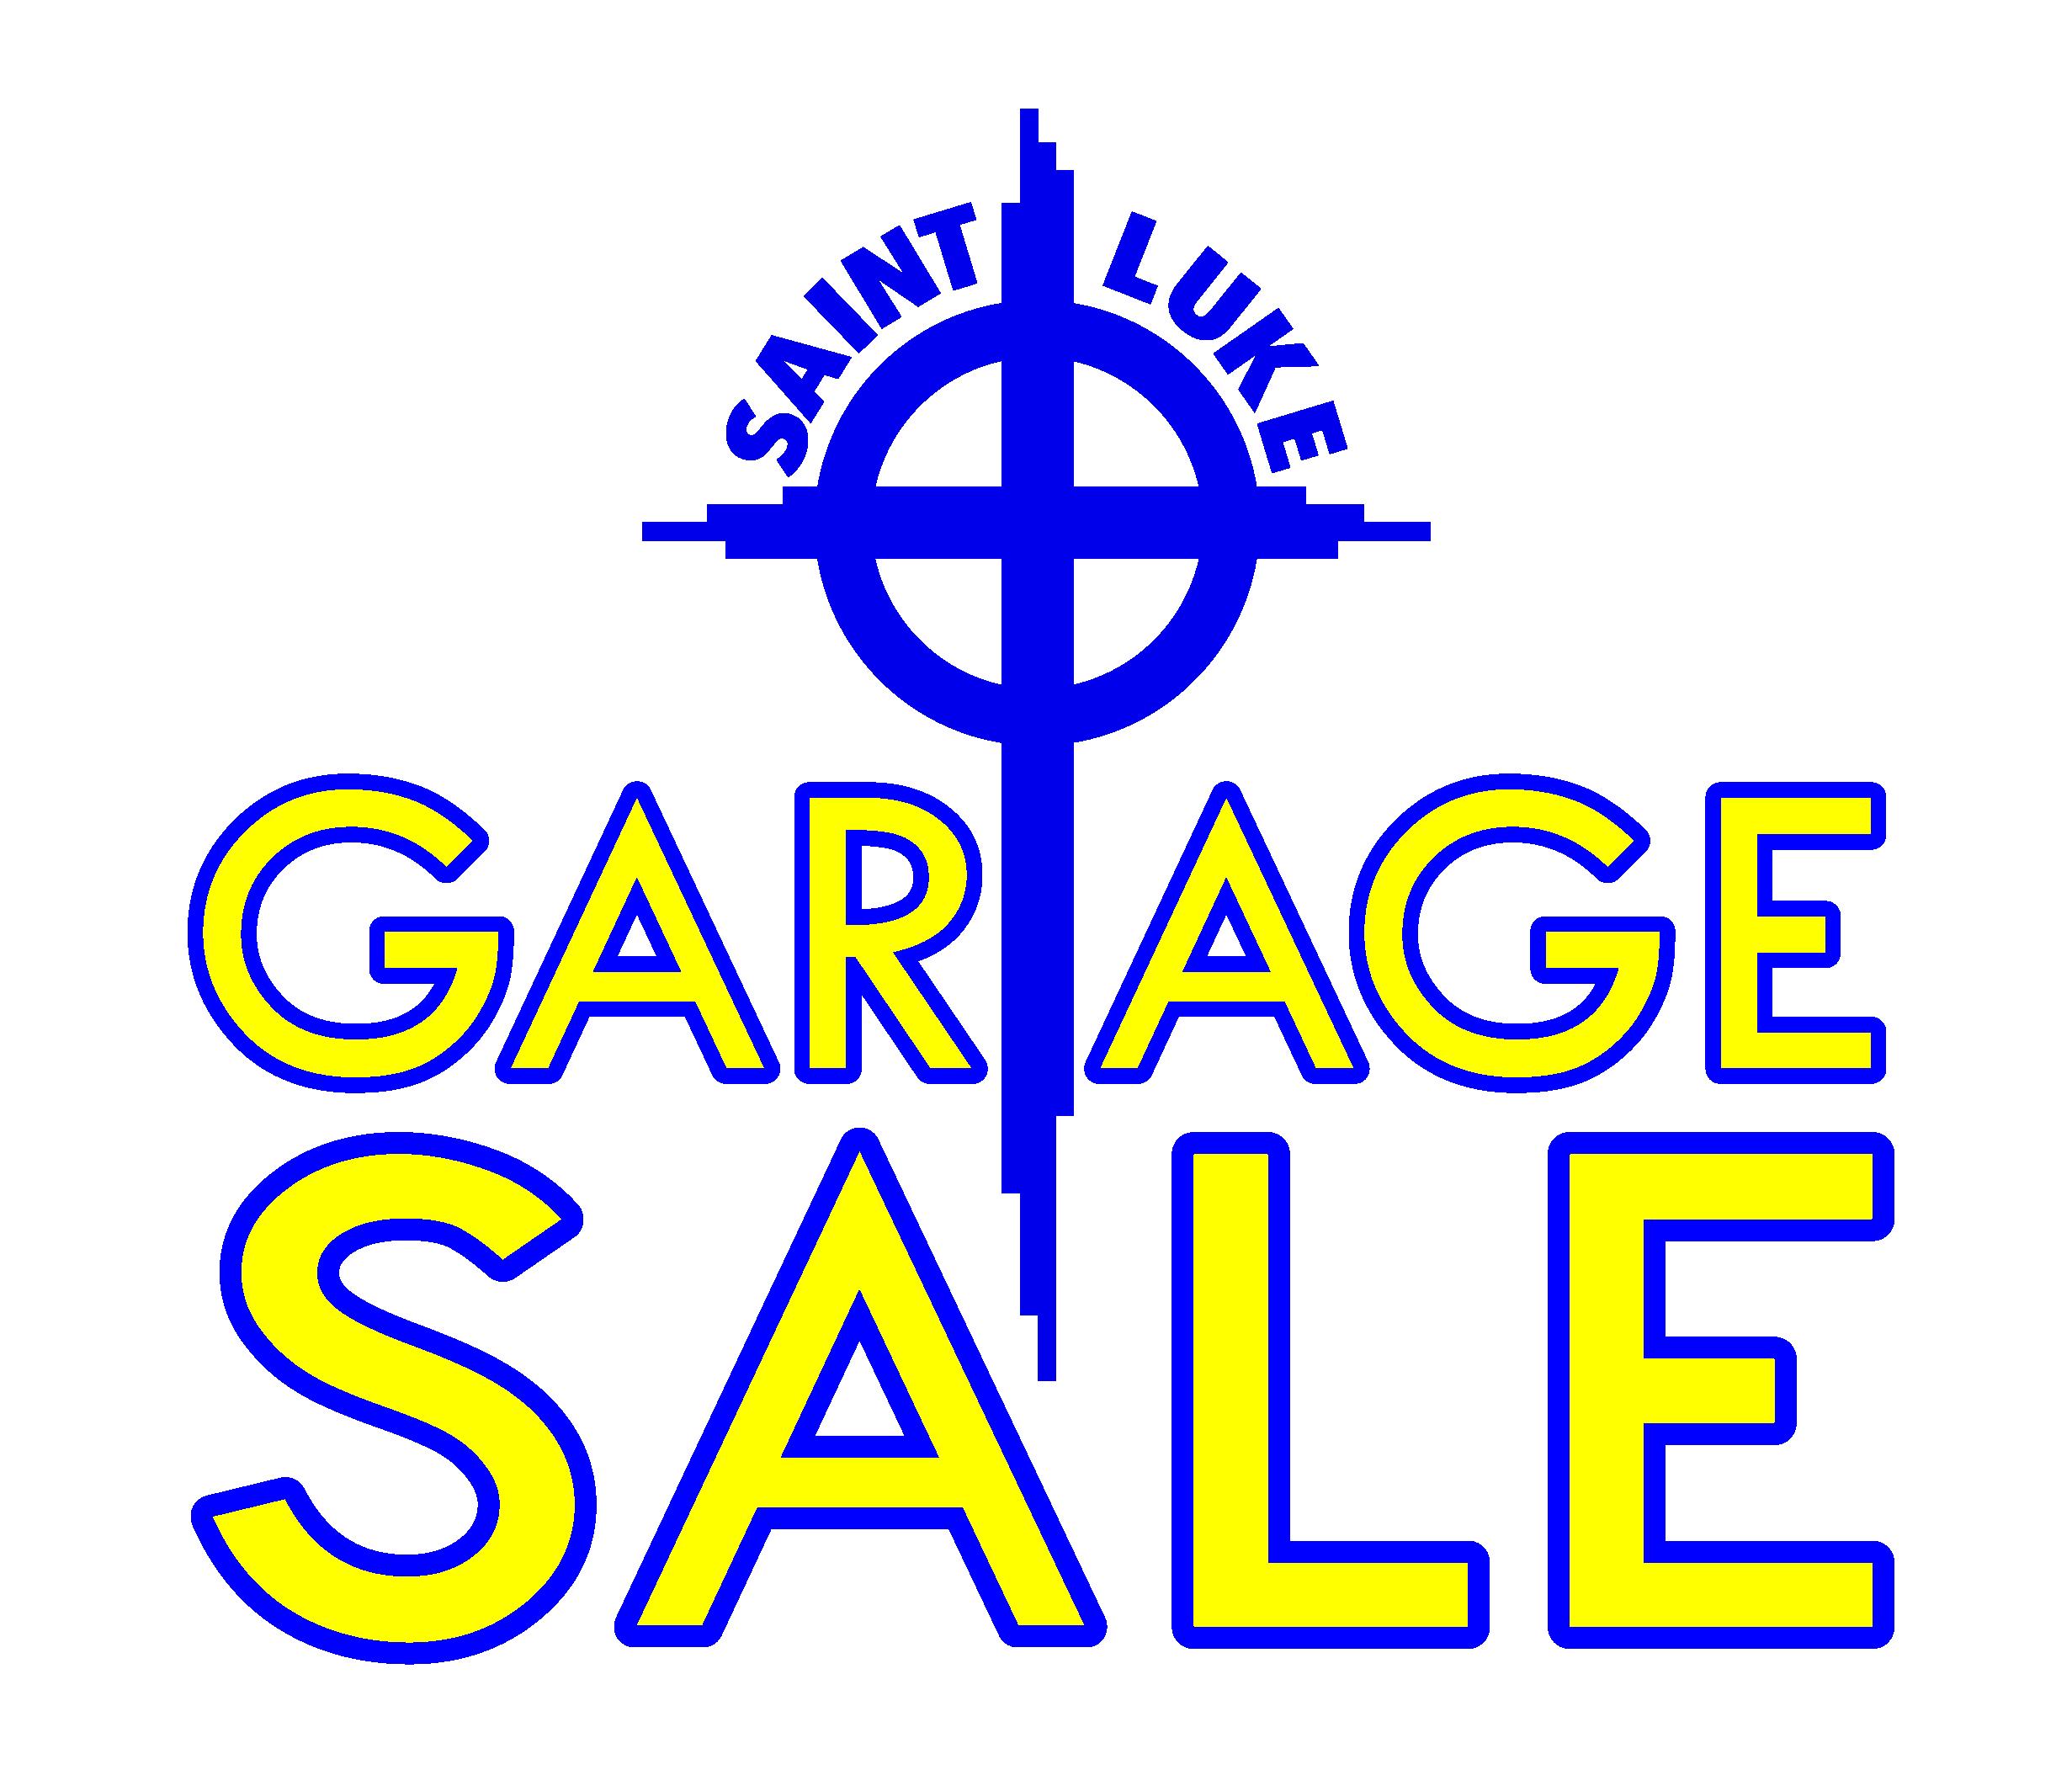 Annual Garage Sale (August 3-4)